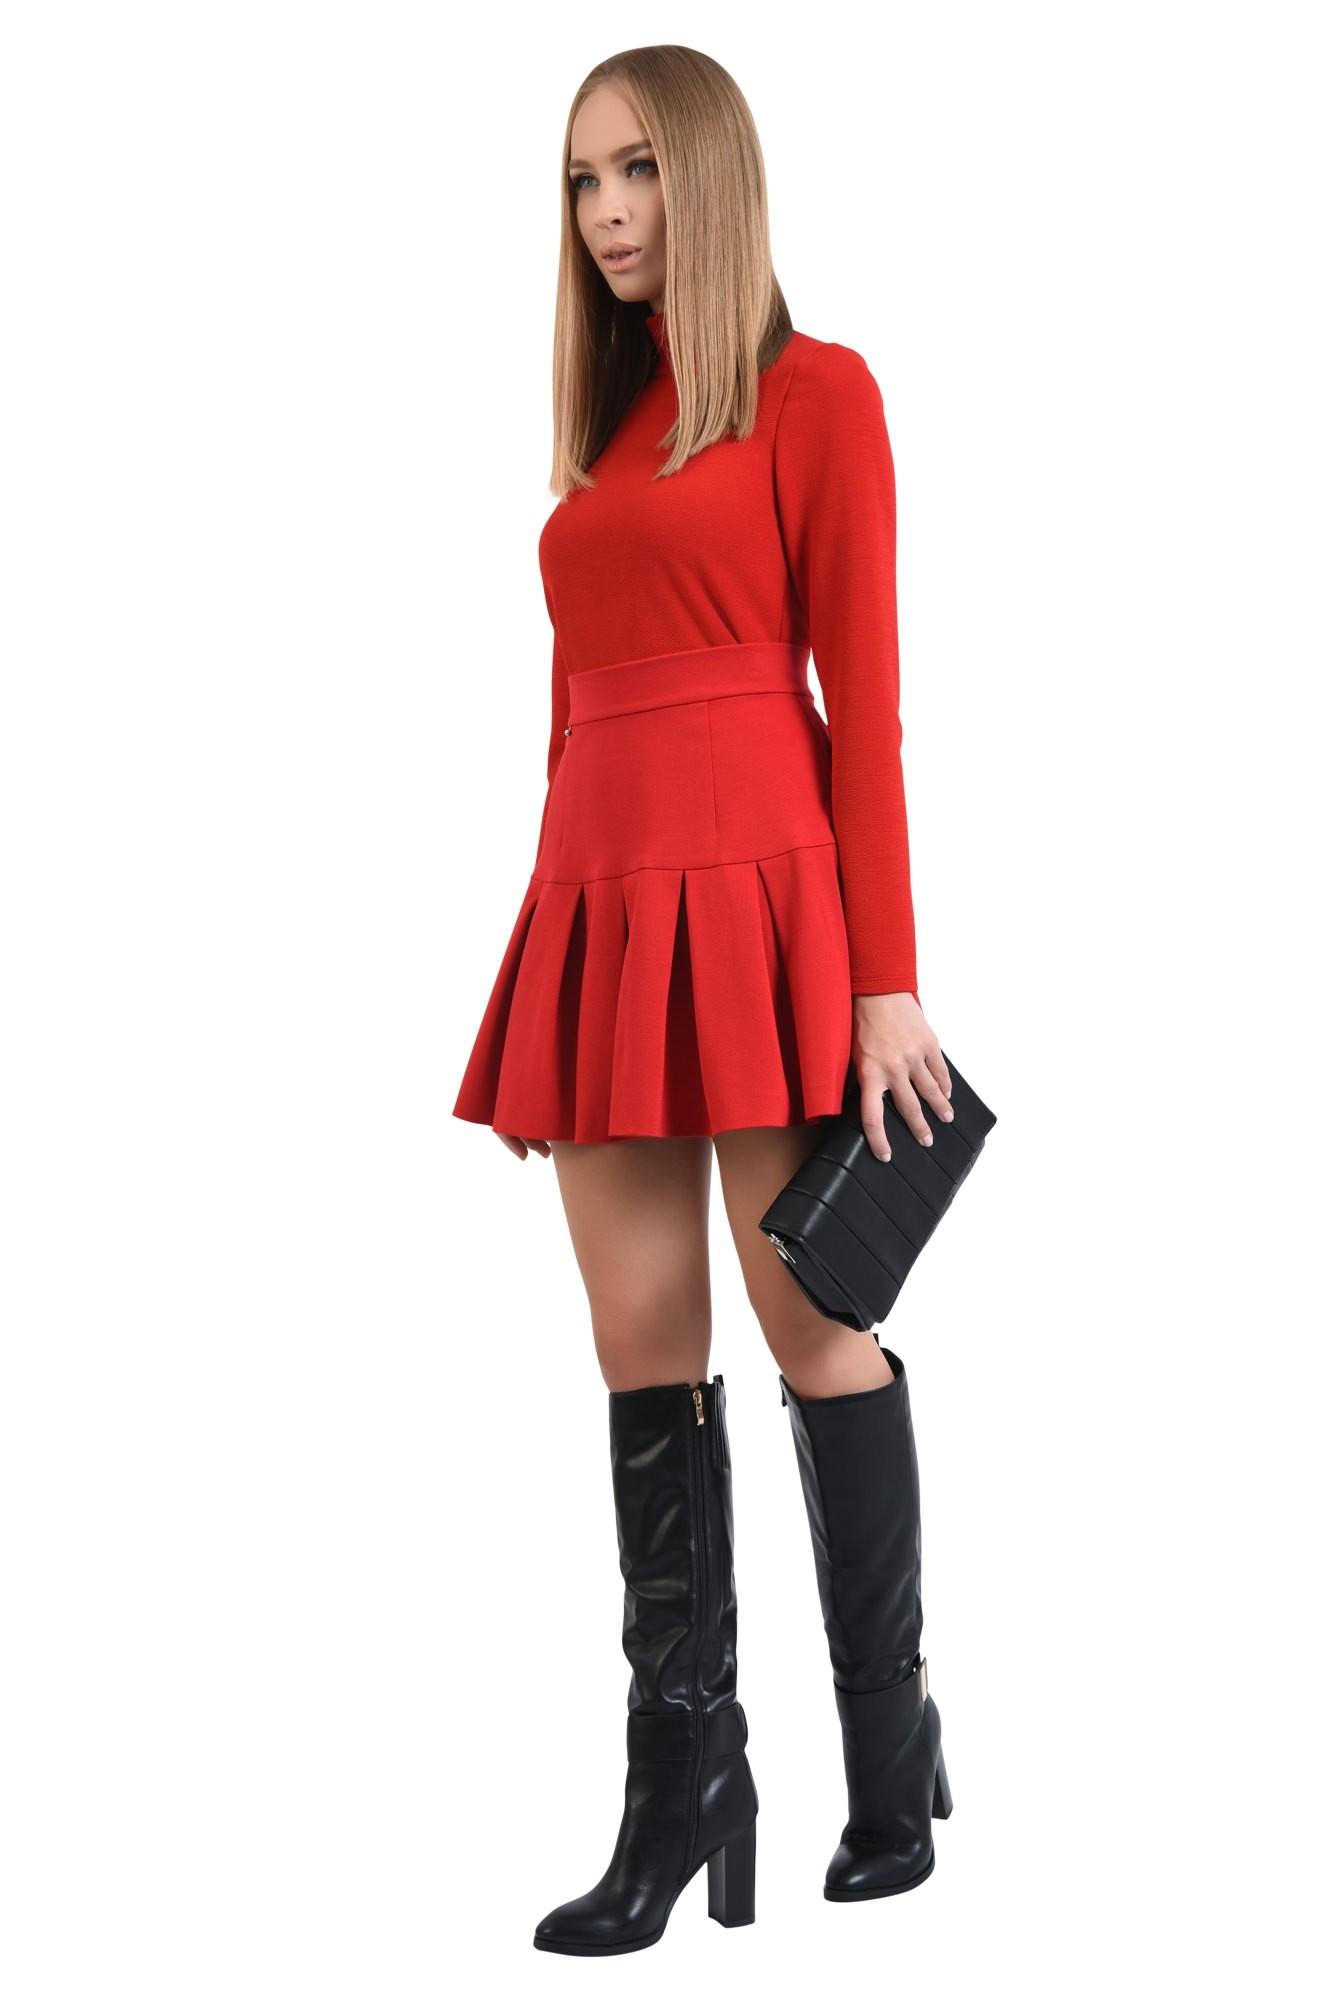 360 - fusta rosie, de zi, tesatura elastica, colectie toamna